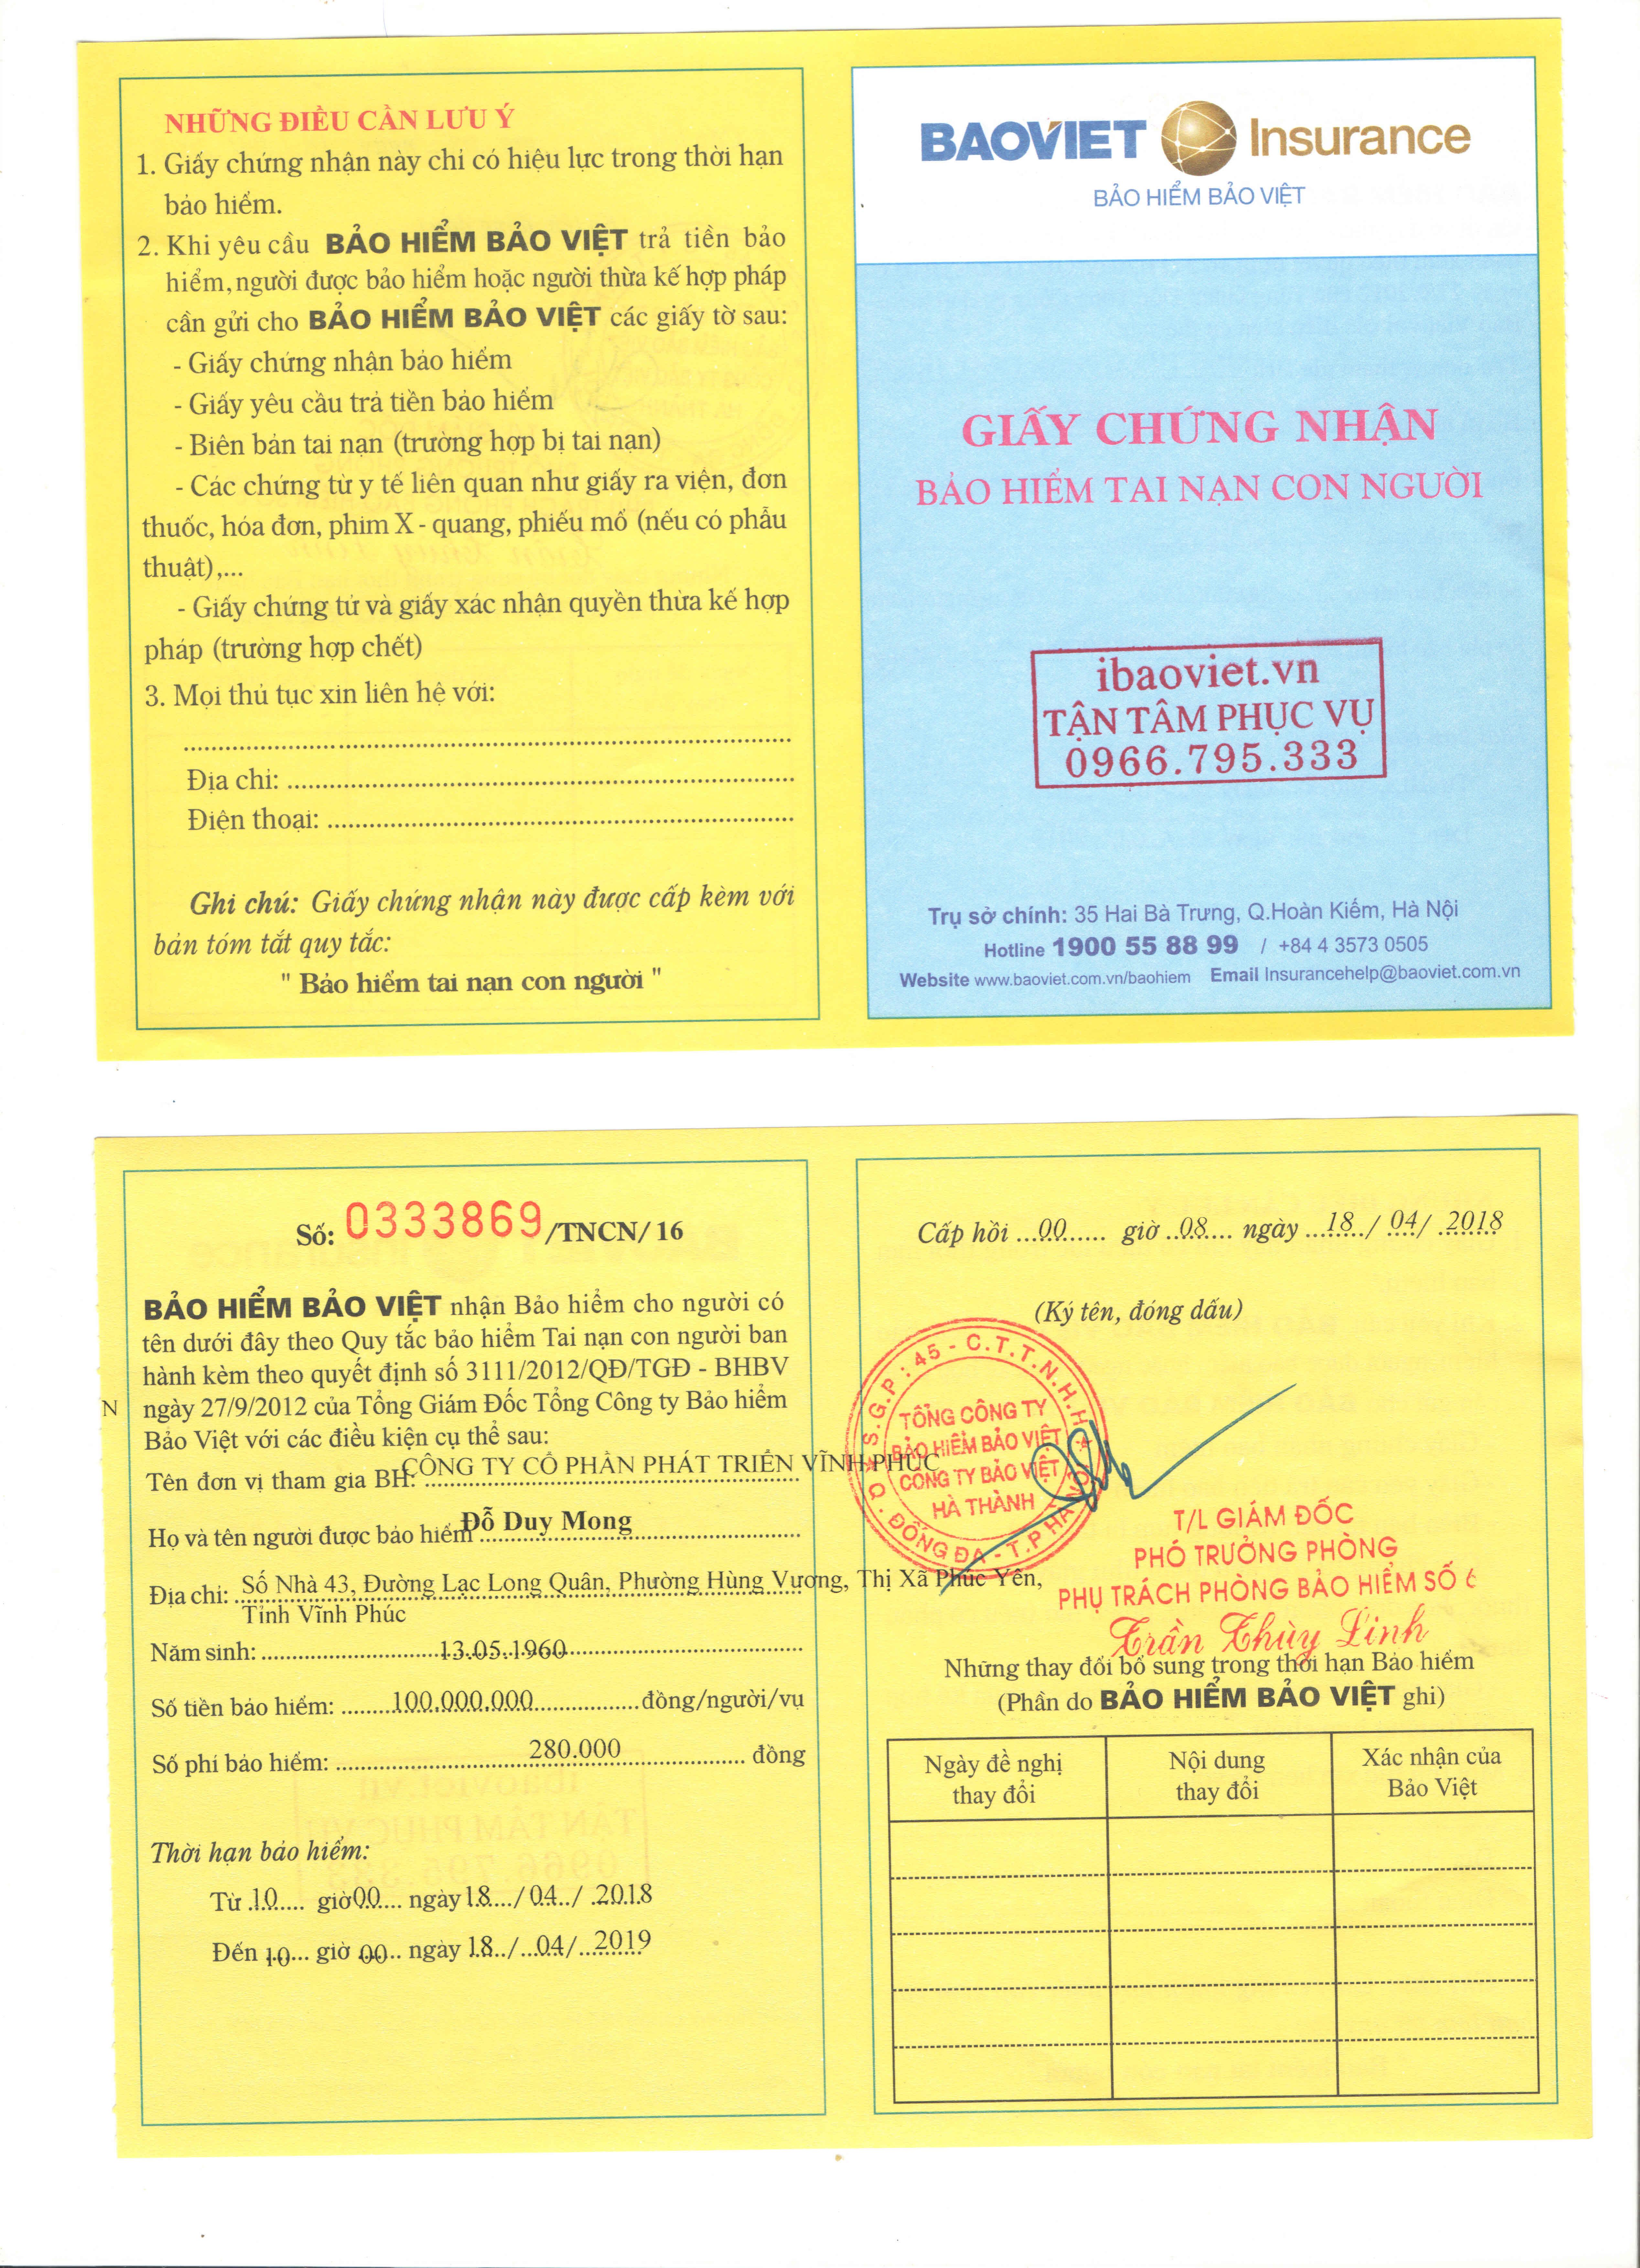 Mẫu giấy chứng nhận bảo hiểm tai nạn